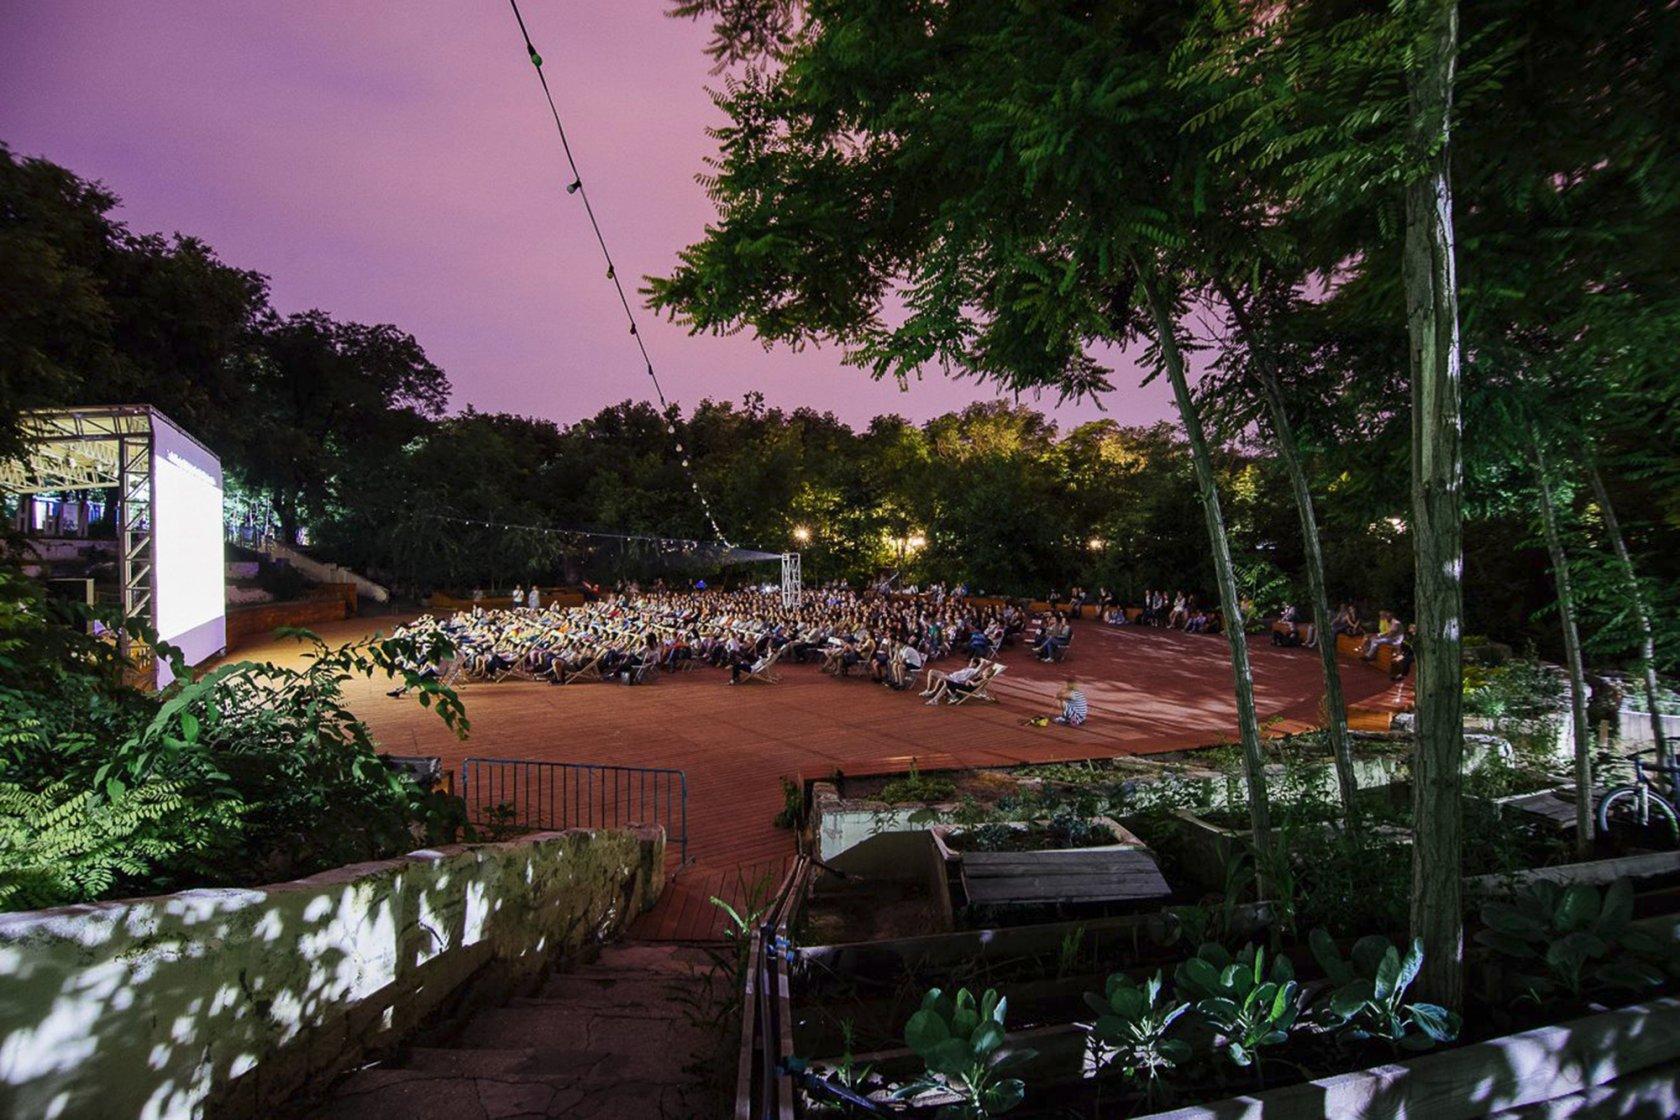 Як занедбані хащі стали культурним центром Одеси. Нове життя Зеленого театру